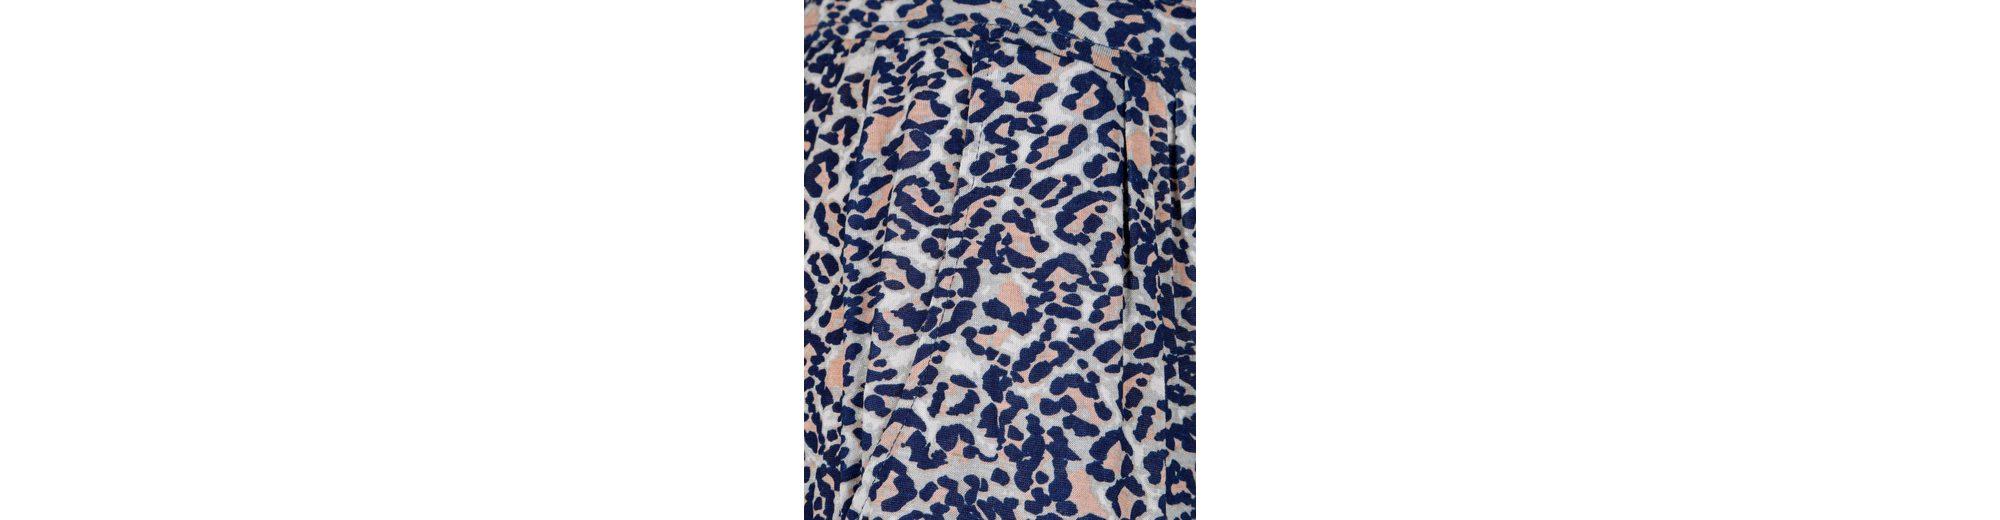 Neue Stile Zu Verkaufen Laura Kent Jerseyhose mit modischem Tierfelldruck Auslass Großhandelspreis Ganz Welt Versand Günstig Kaufen Bestseller Spielraum Spielraum cnUL3pb